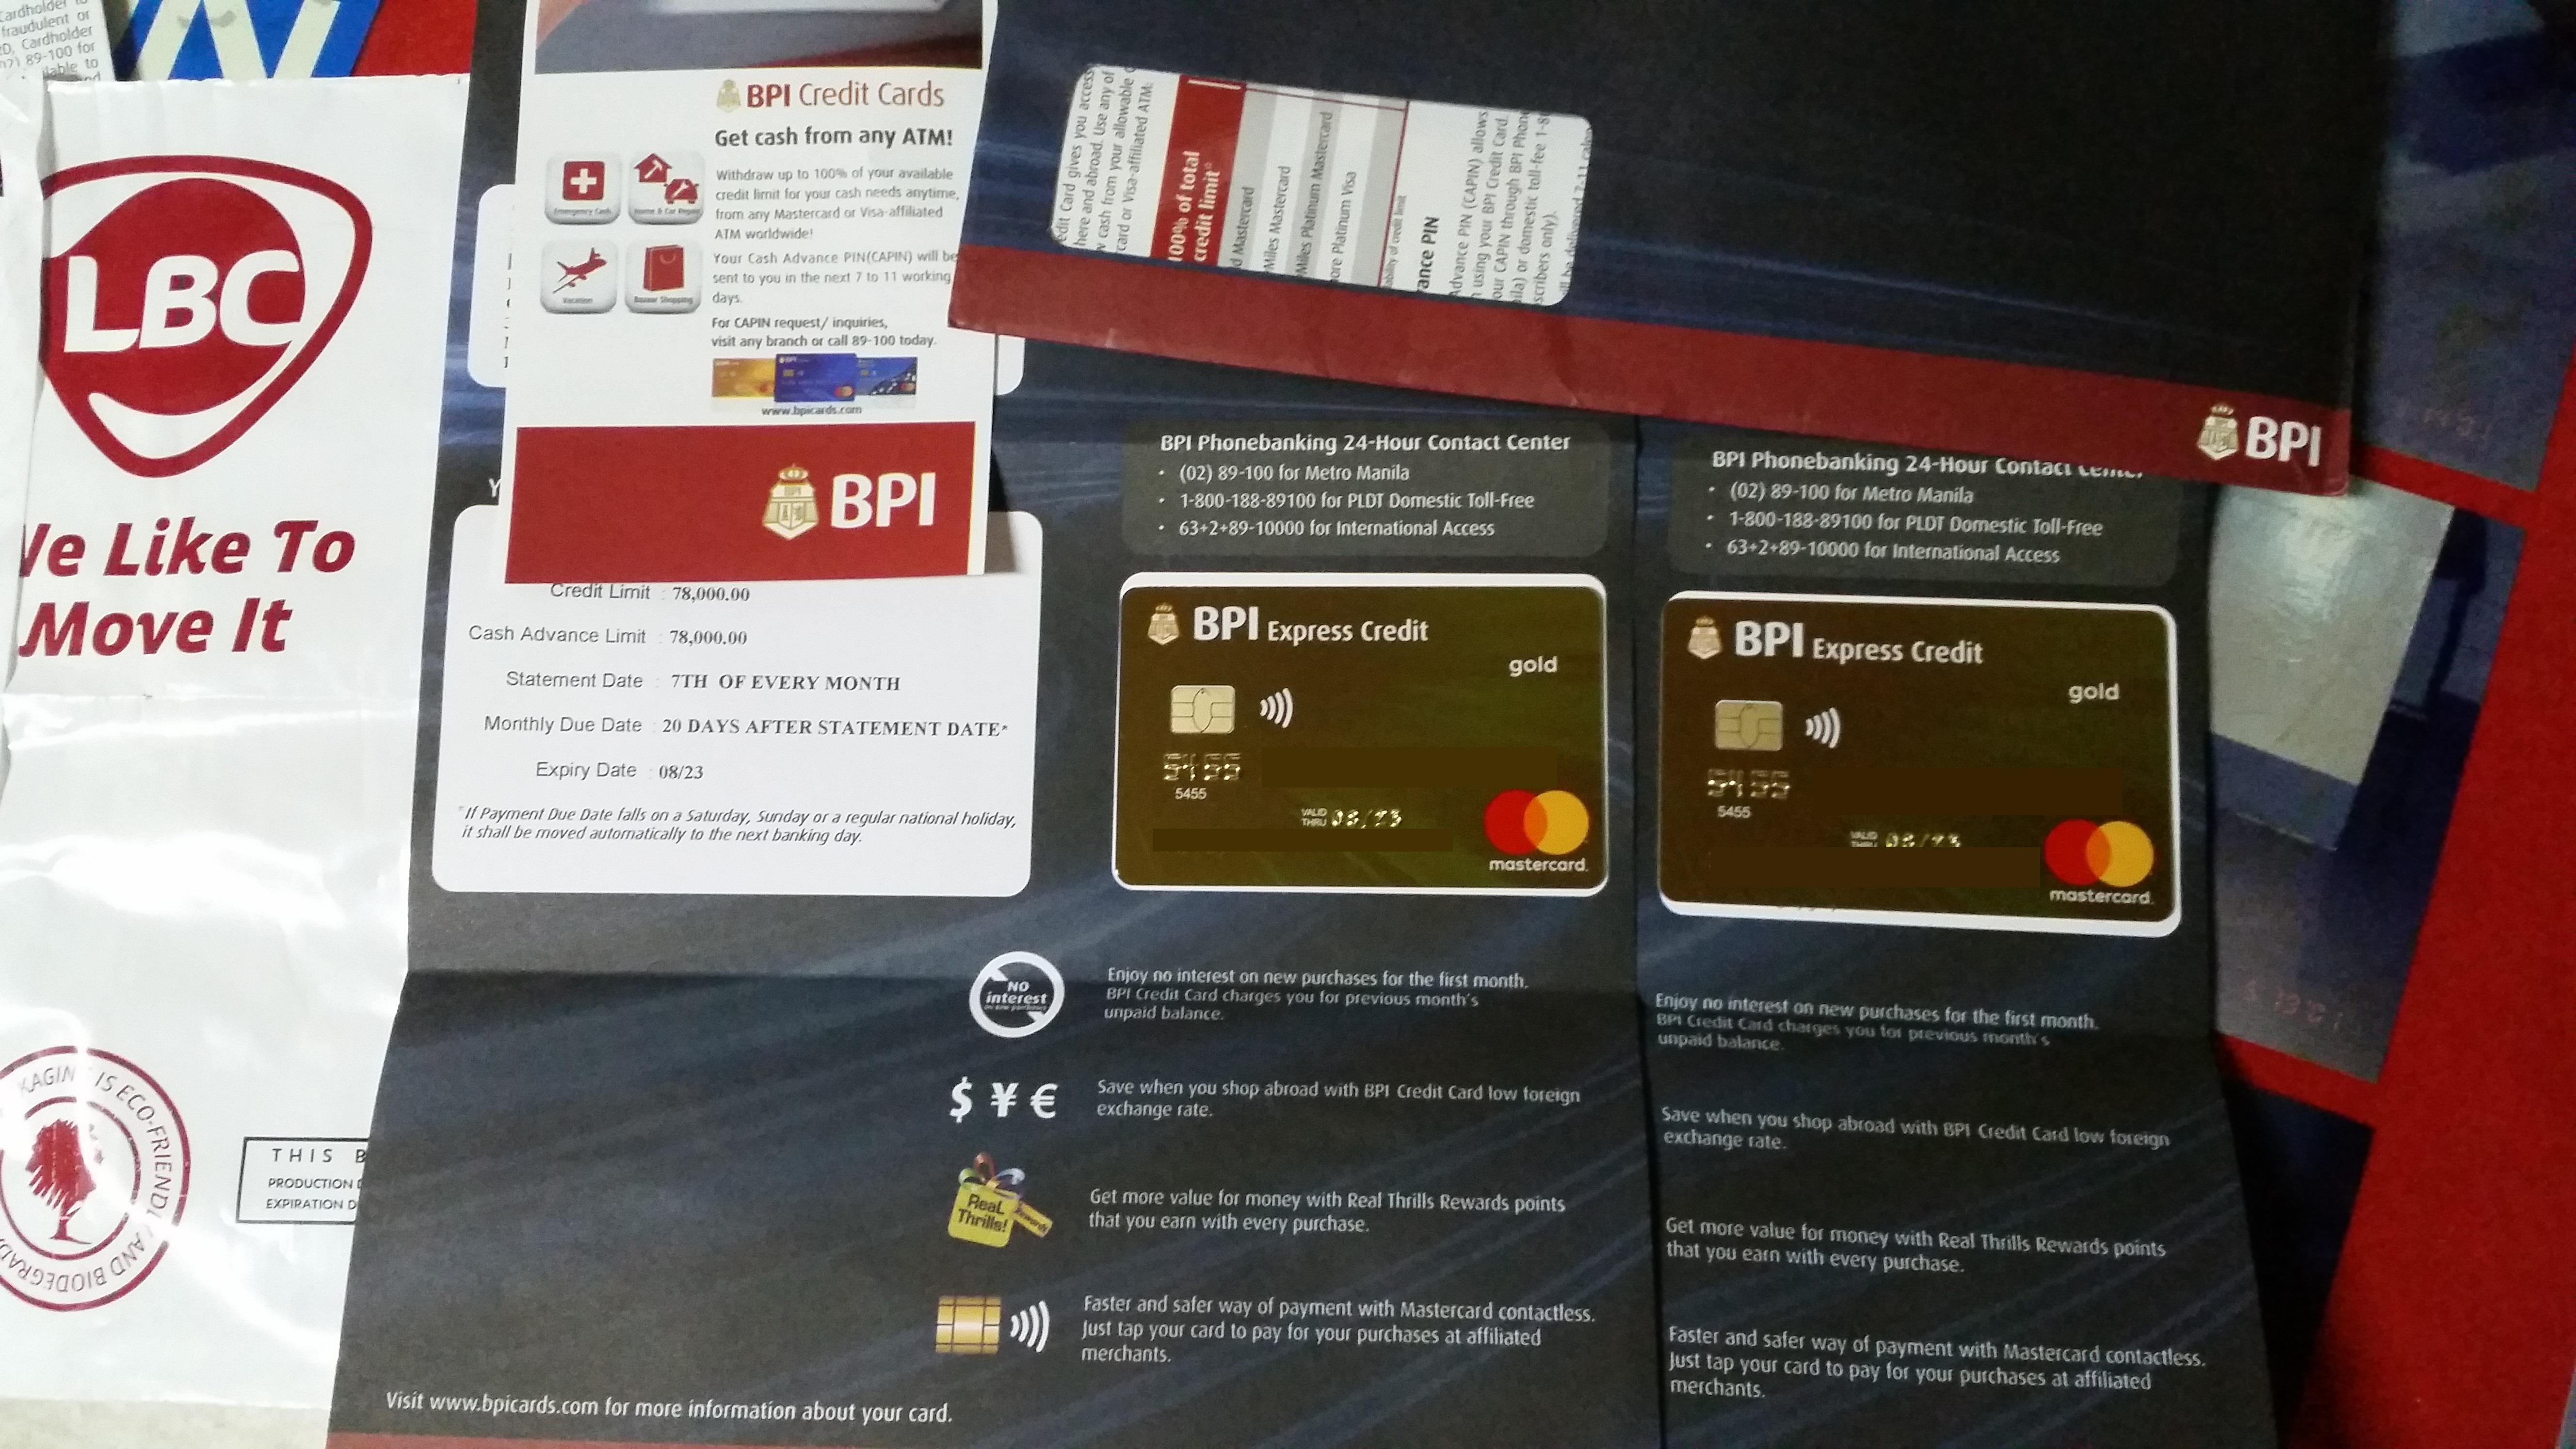 Bpi investment fund pinoyexchange celebrities forex broker review ecnn